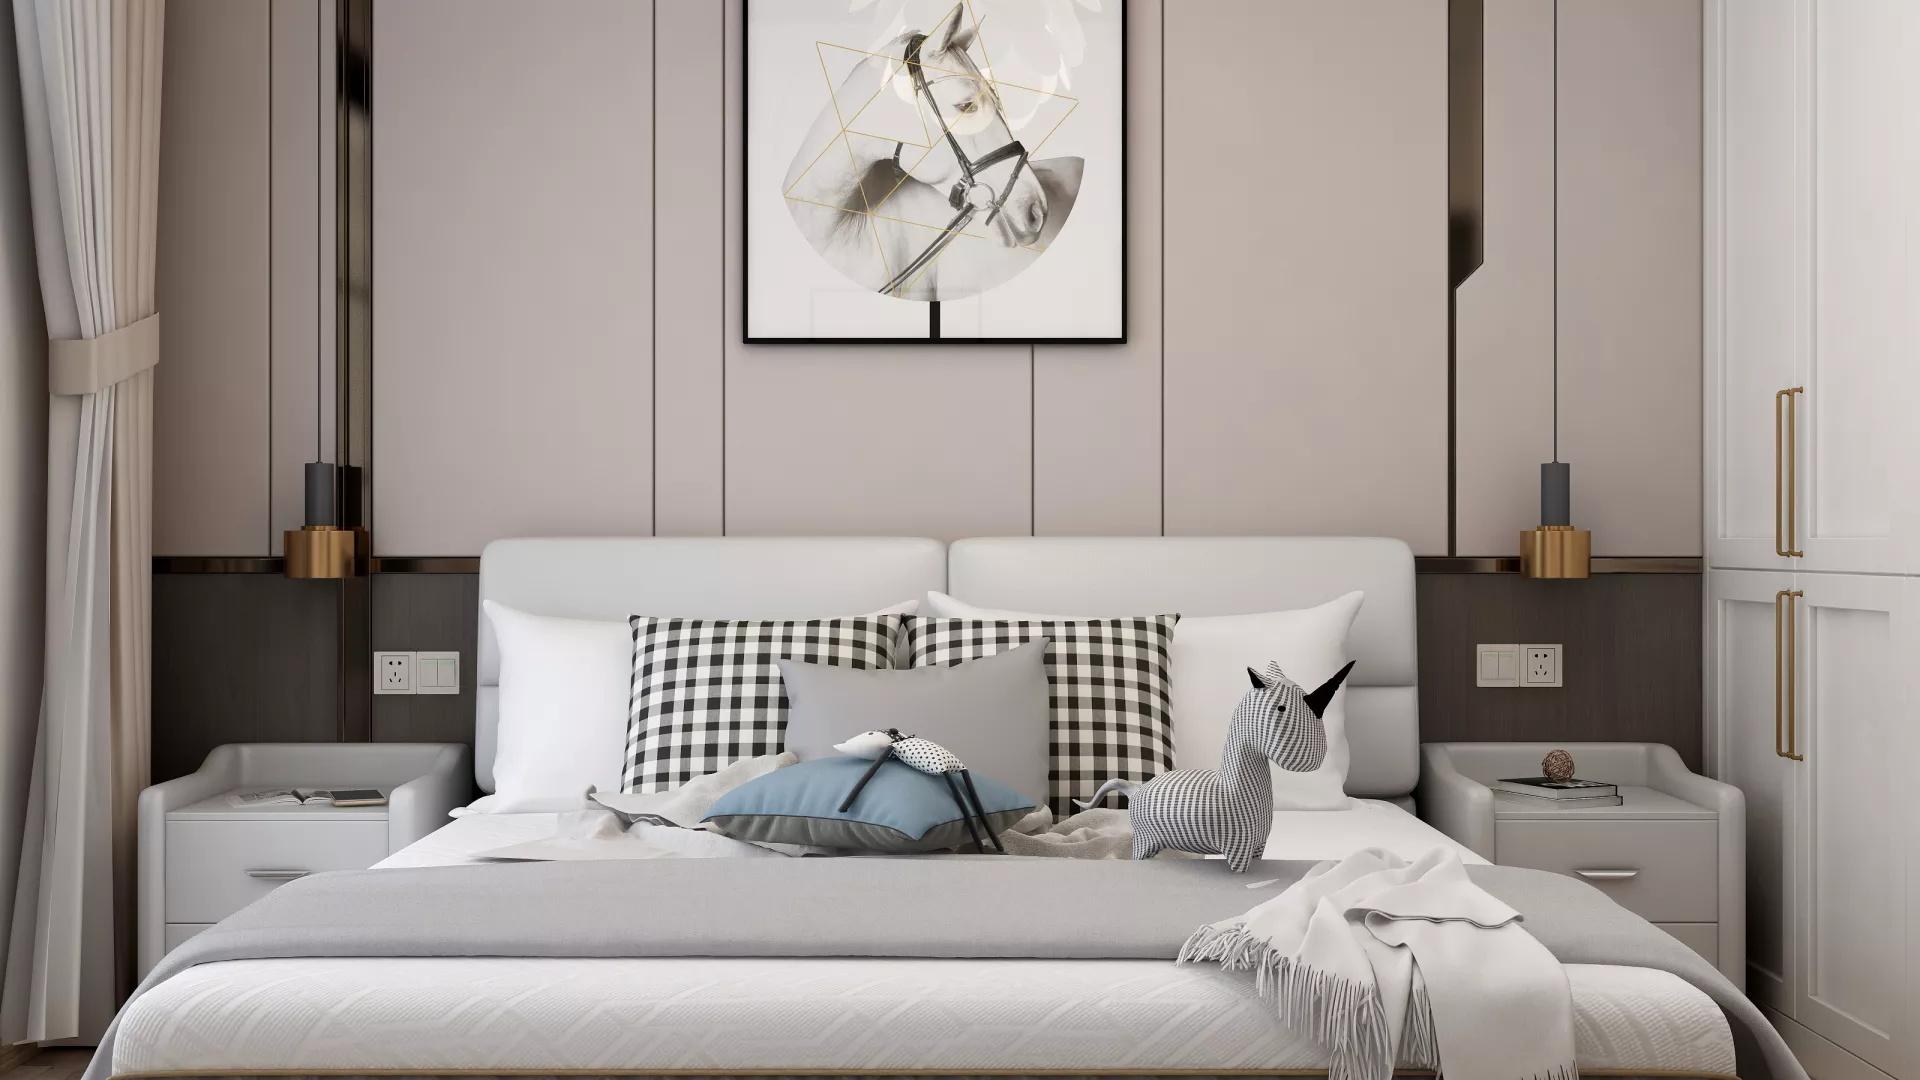 清爽地中海风情蓝白配打造精美三居室效果图